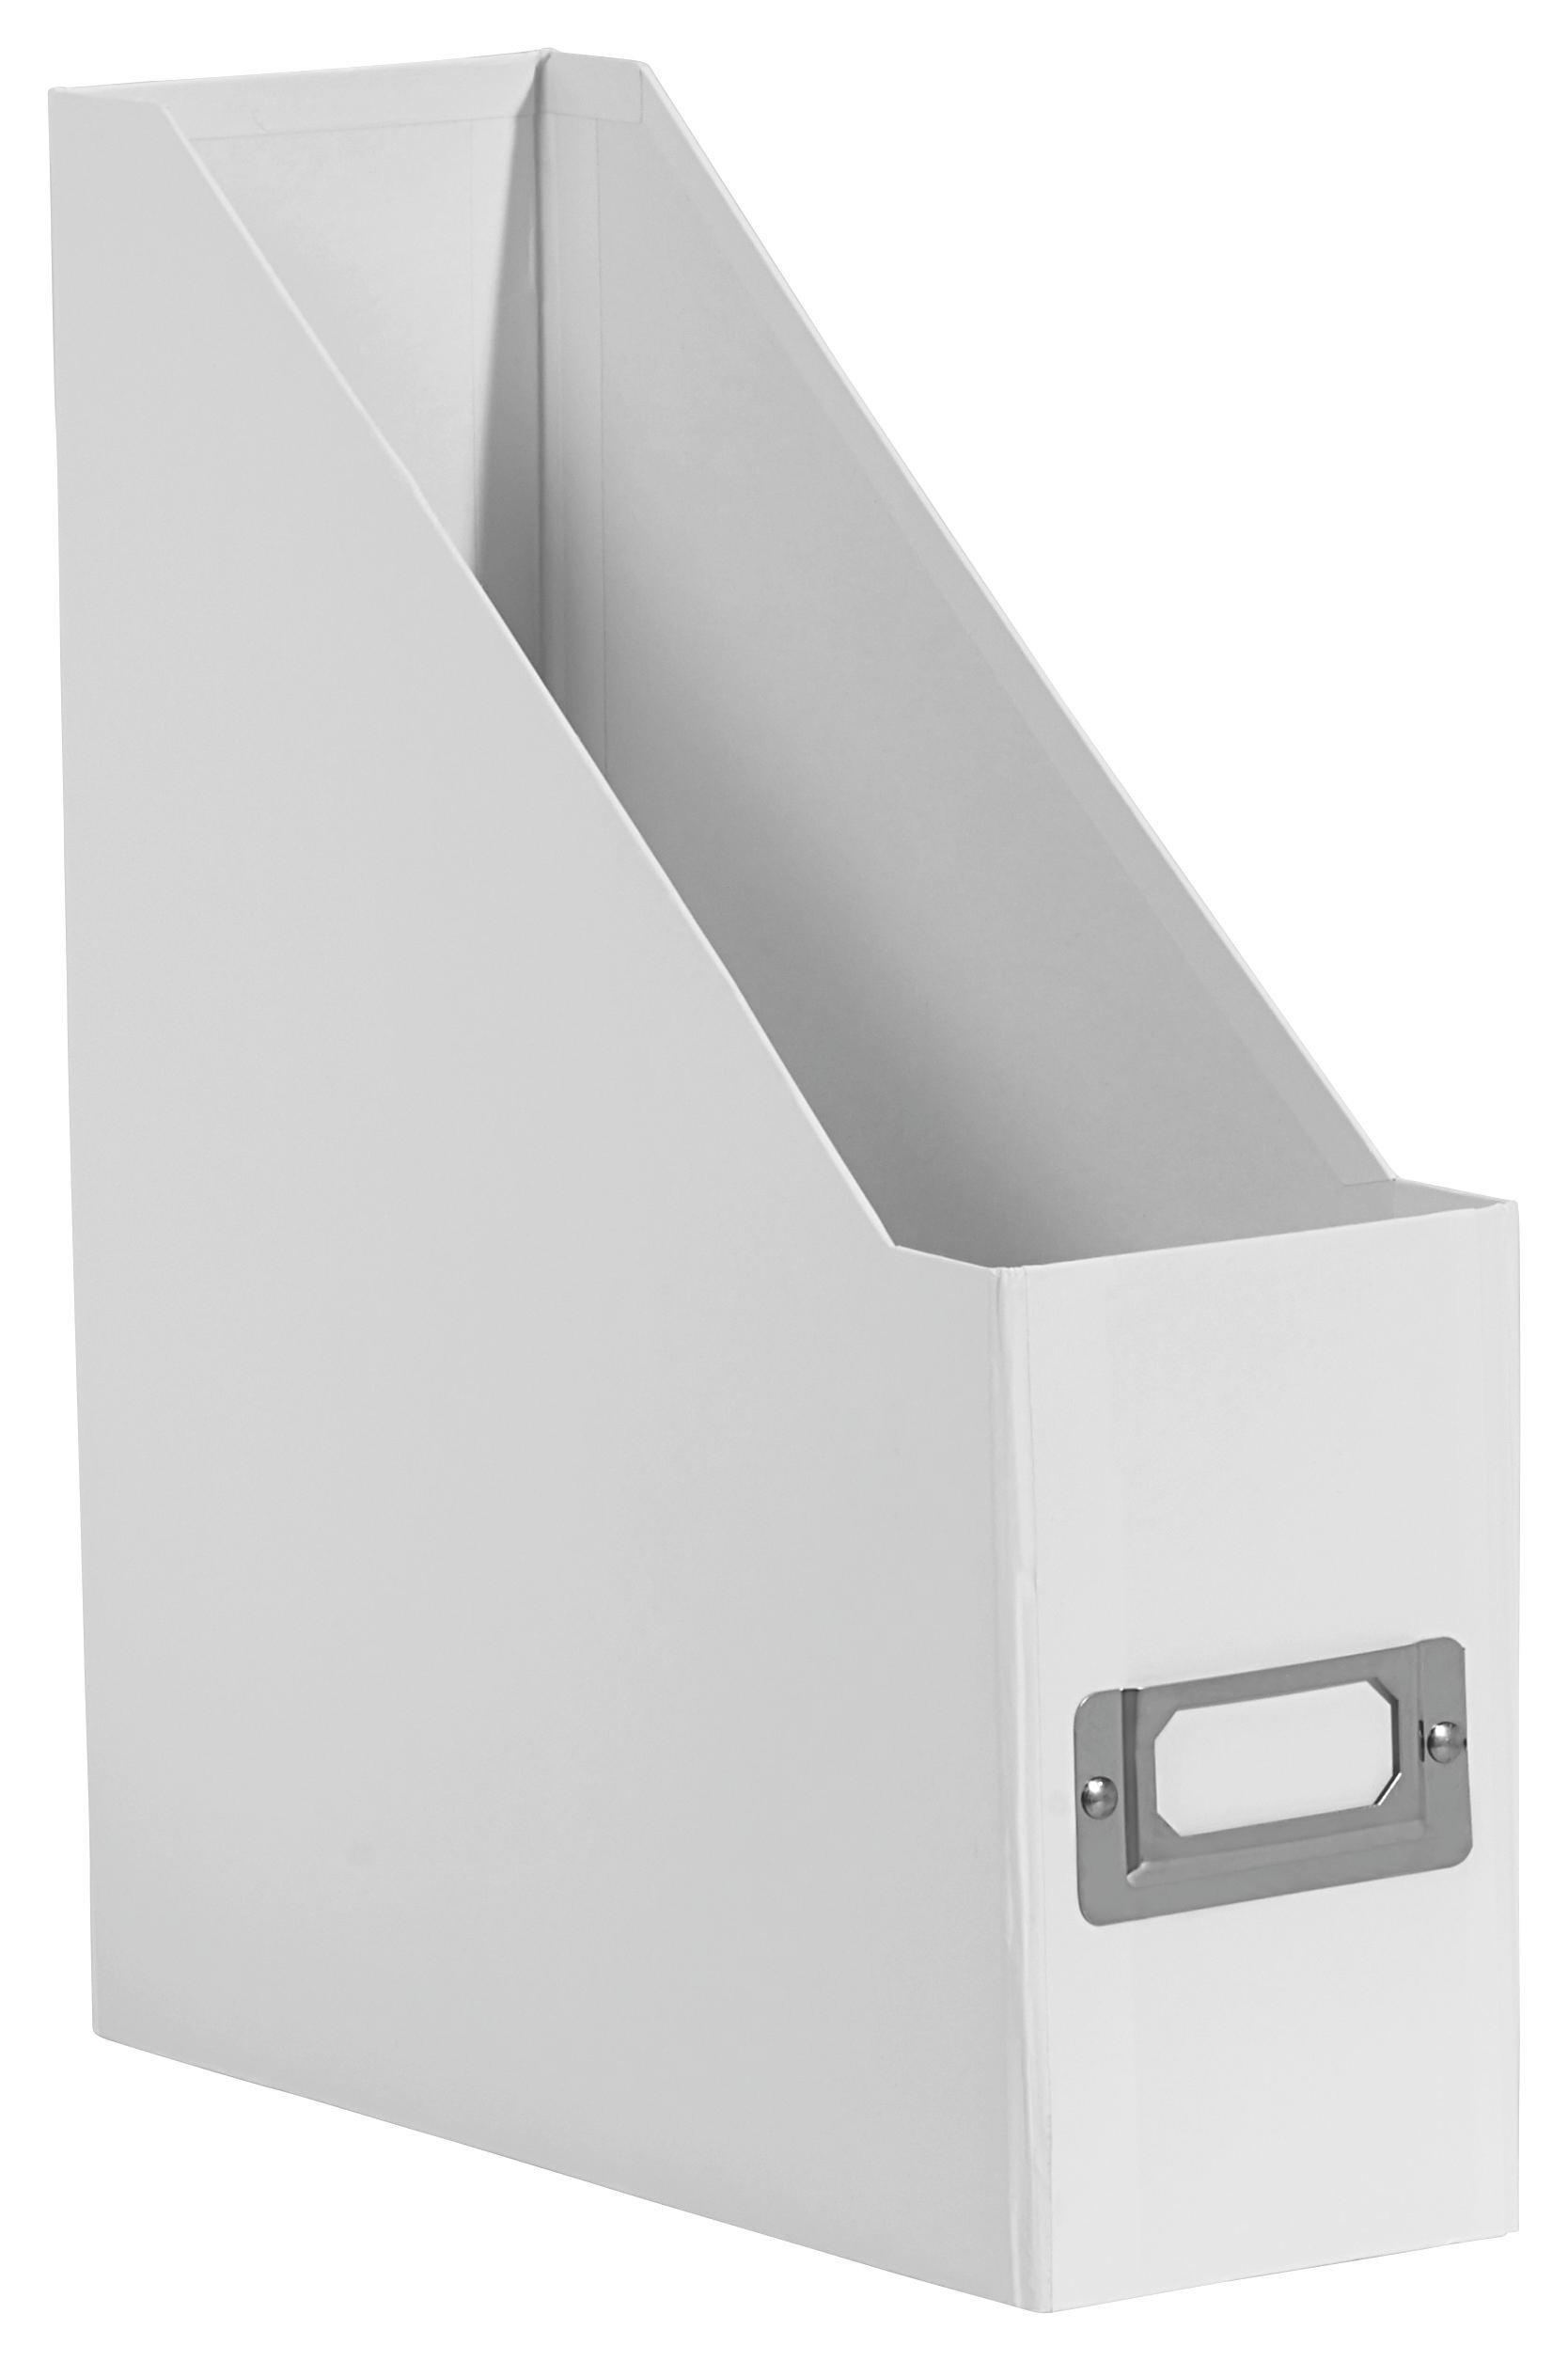 Stehsammler Lorenz in Weiß, Faltbar - Weiß, Karton/Metall (29/8,6/24,2cm) - MÖMAX modern living